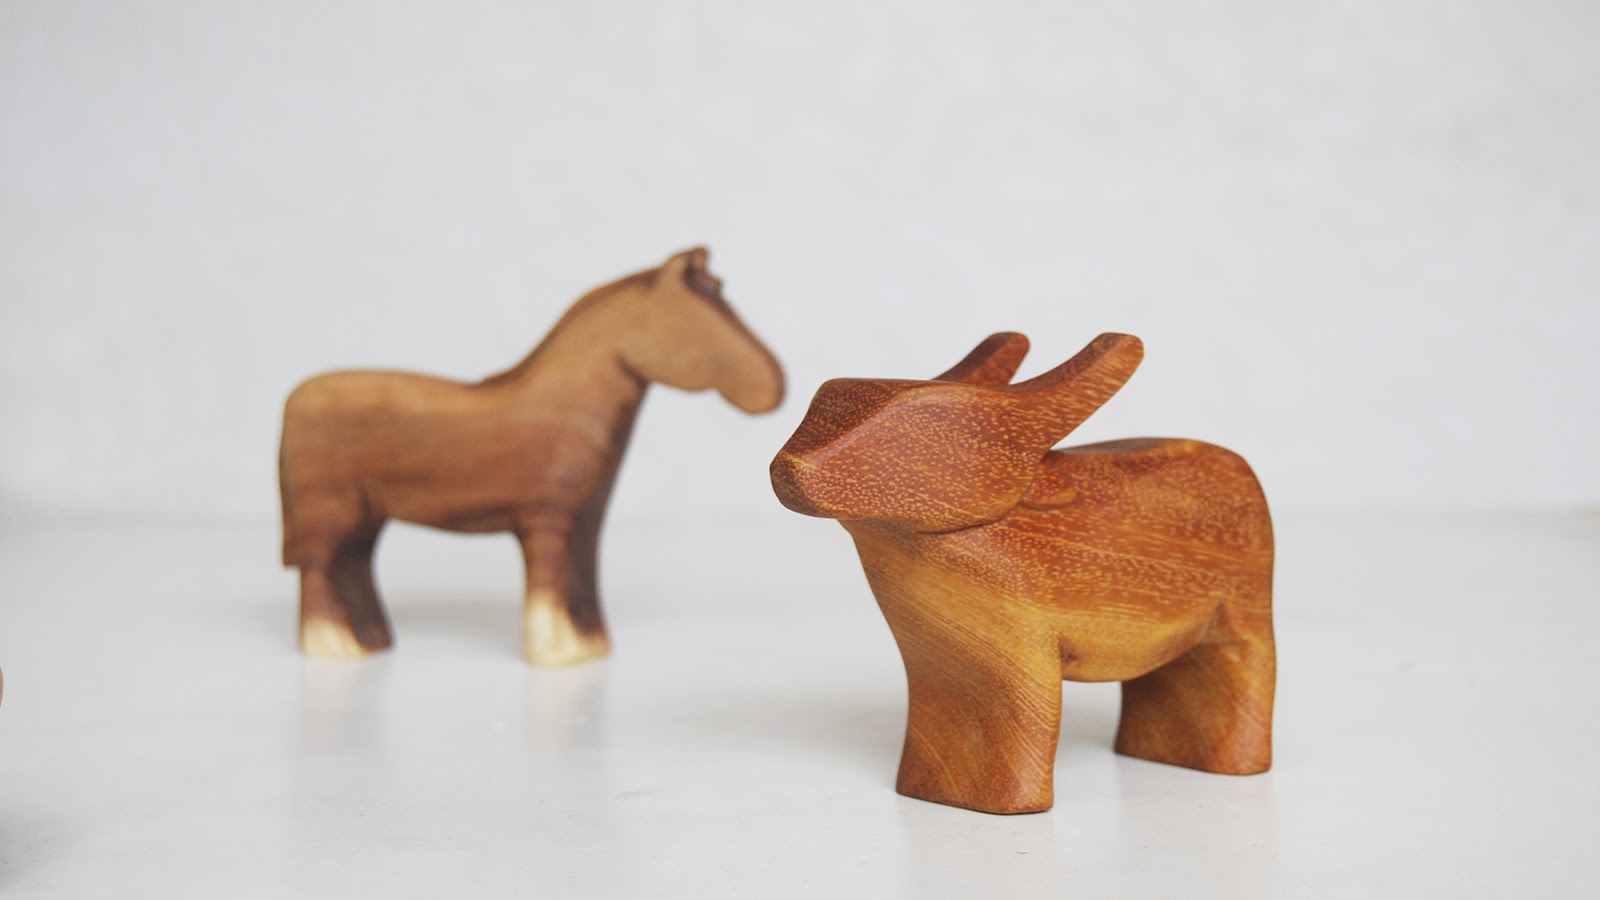 Intaglio legno: come realizzare sculture fai da te